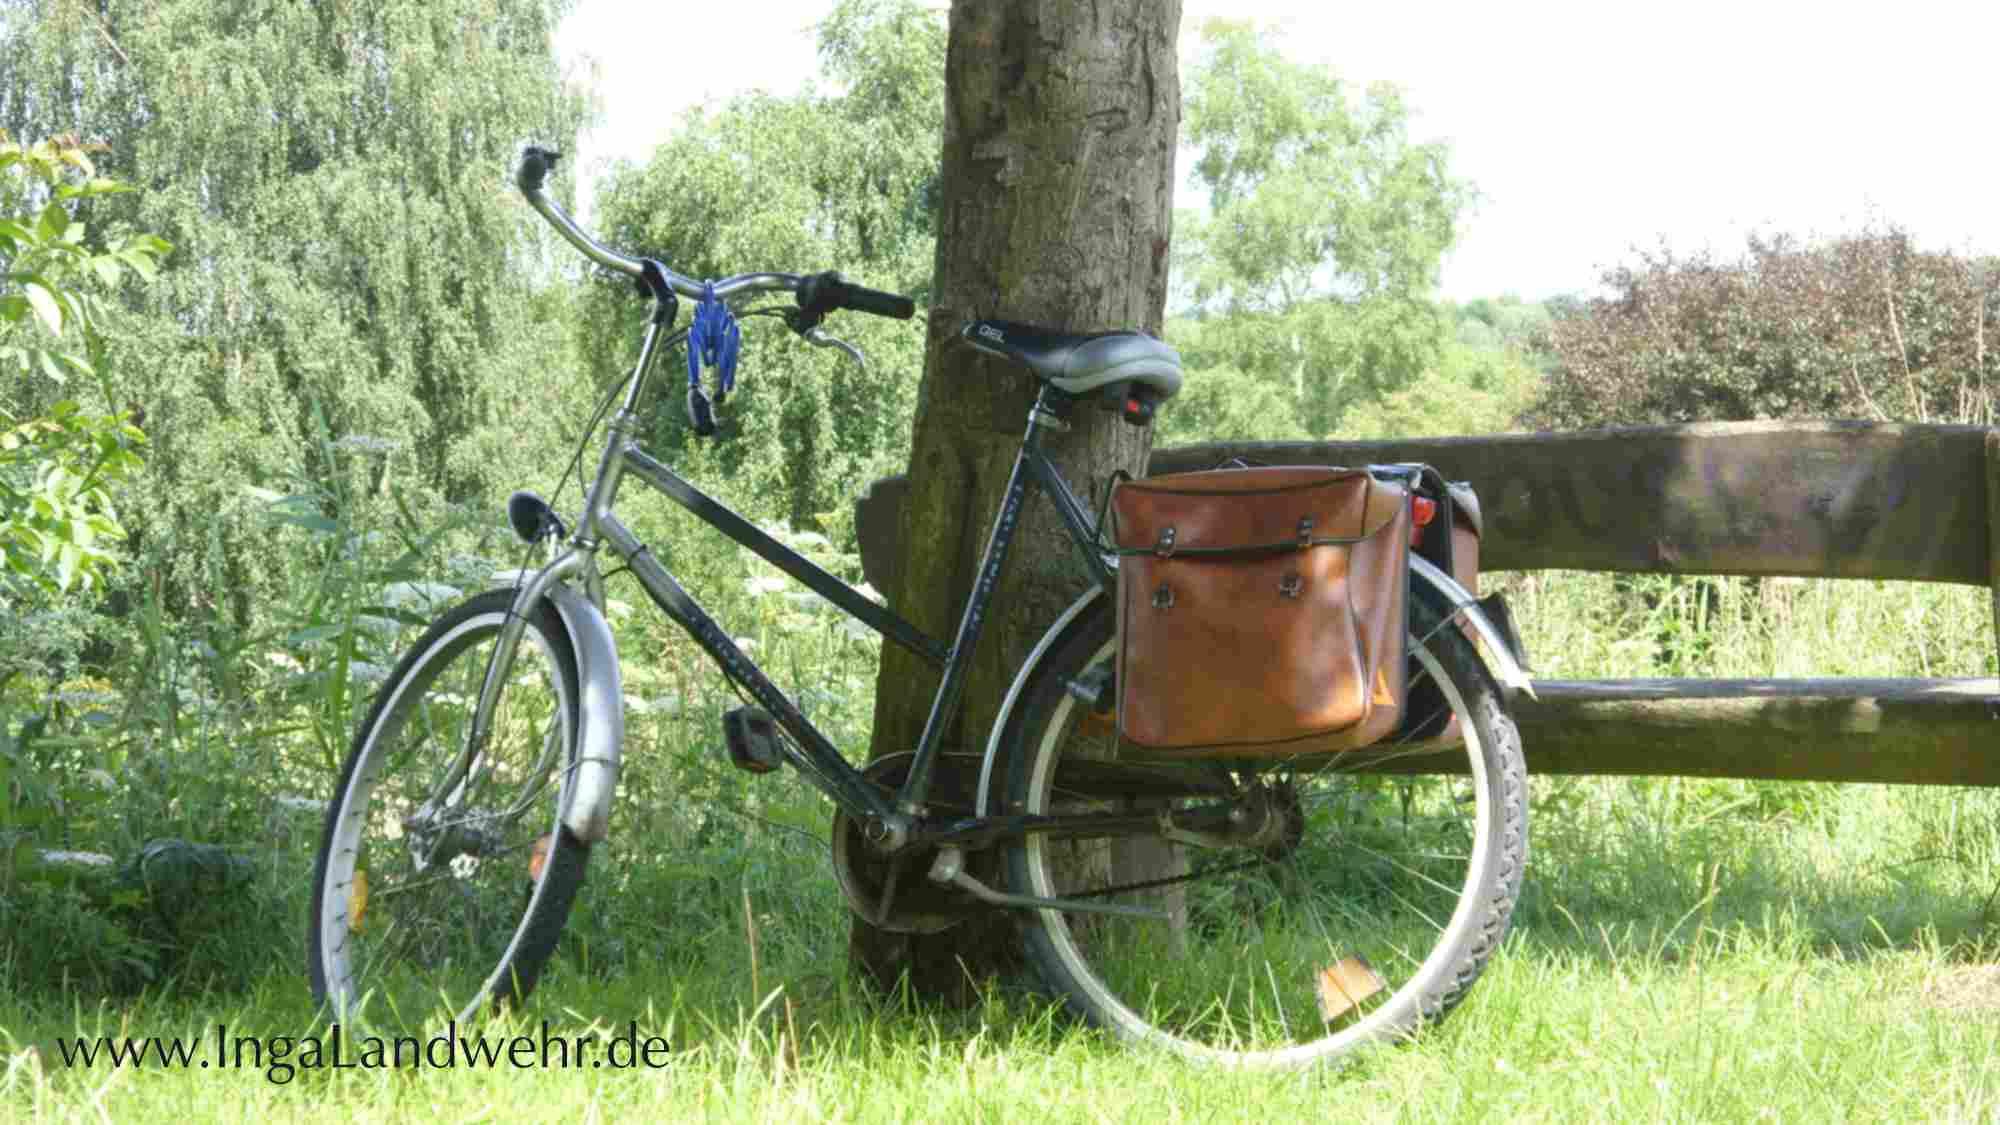 Fahrrad mit zwei Packtaschen lehnt an einem Baum